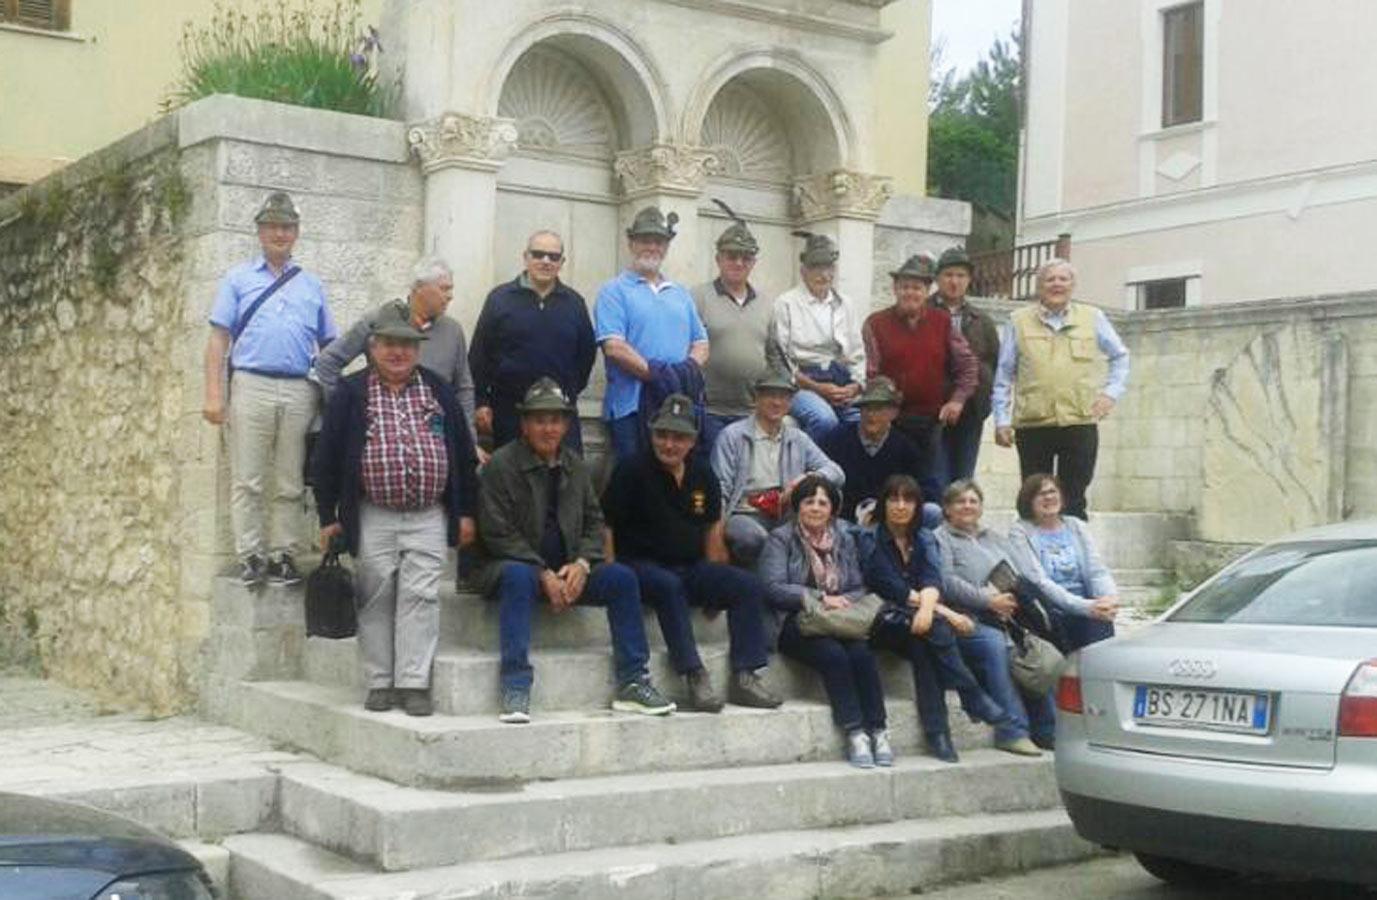 Adunata nazionale degli Alpini a L'Aquila